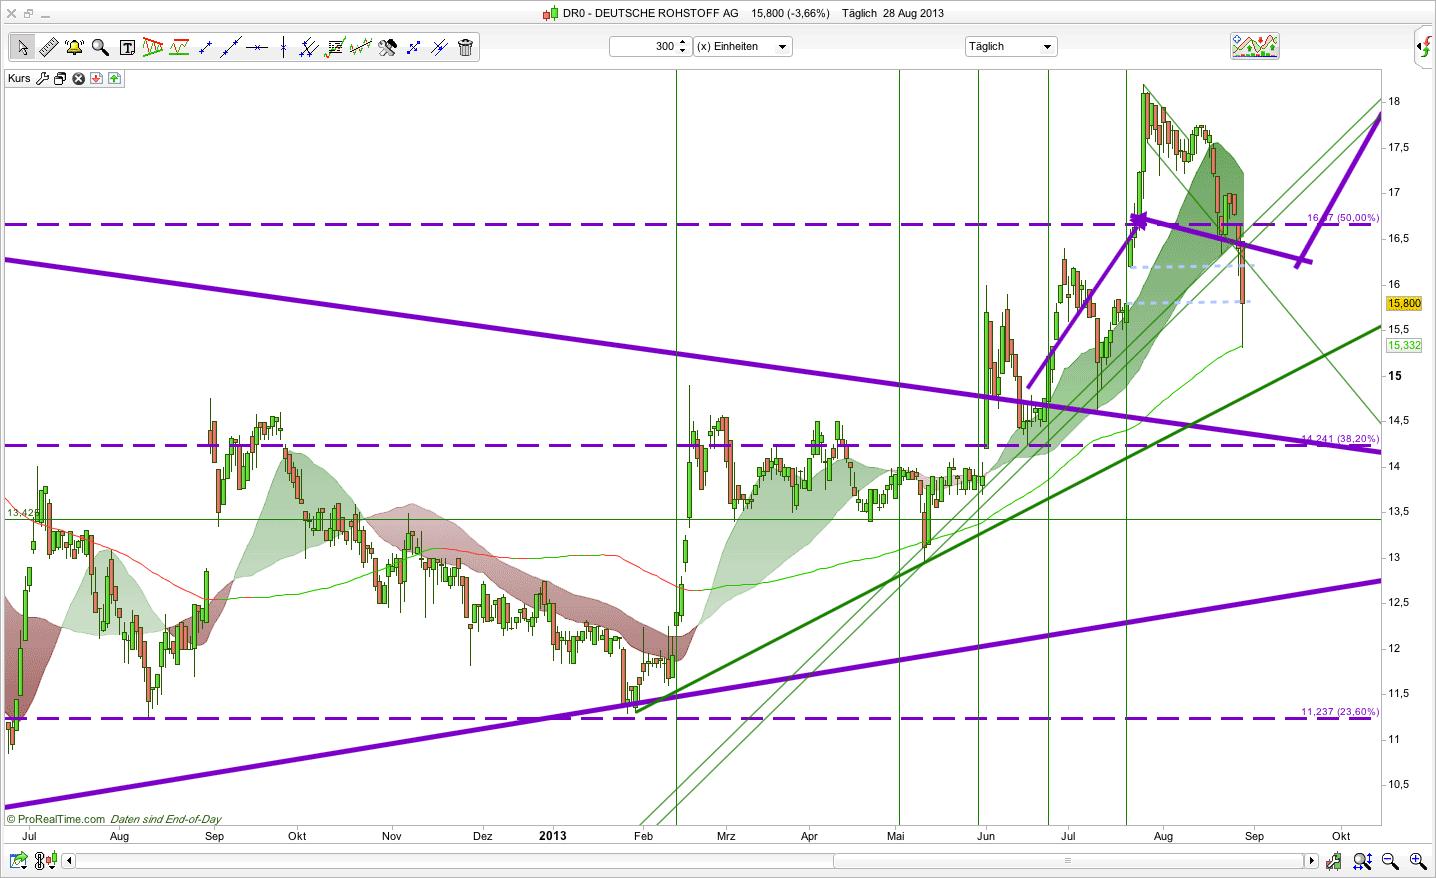 Deutsche Rohstoff Ag Aktien